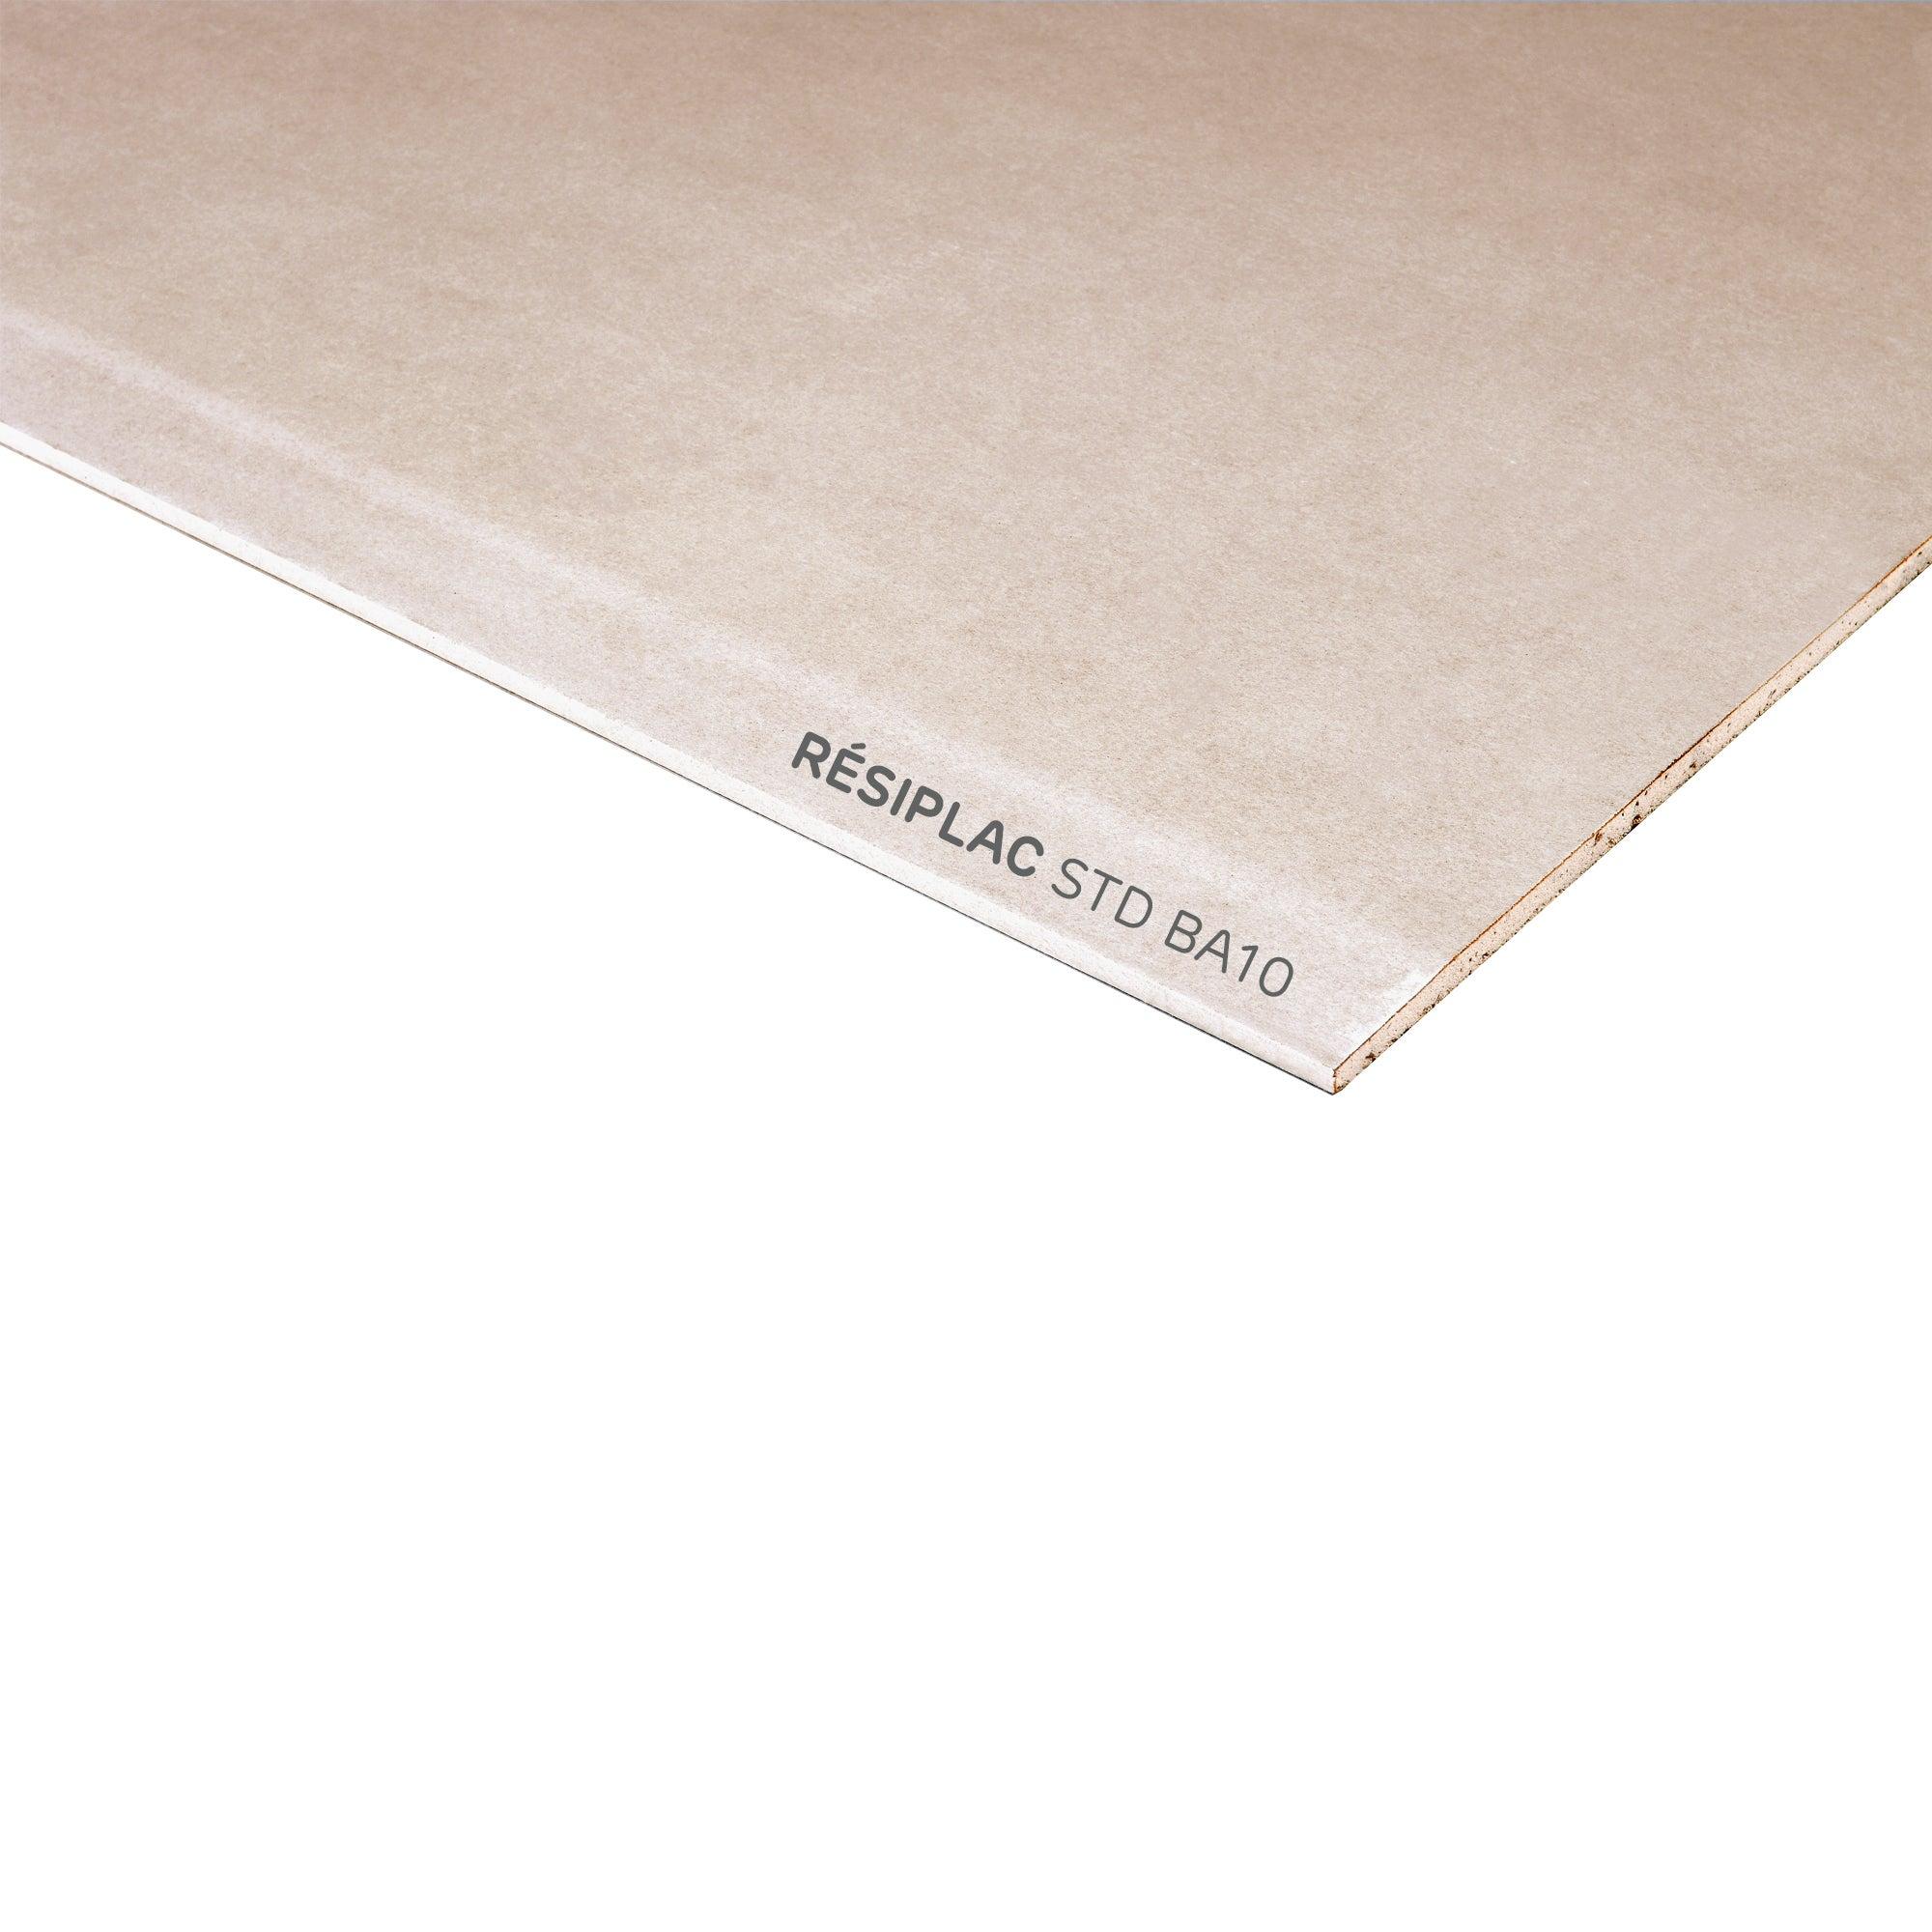 Plaque coup/é de PE rigide 1000 x 495 x 10 mm noir Poly/éthyl/éne